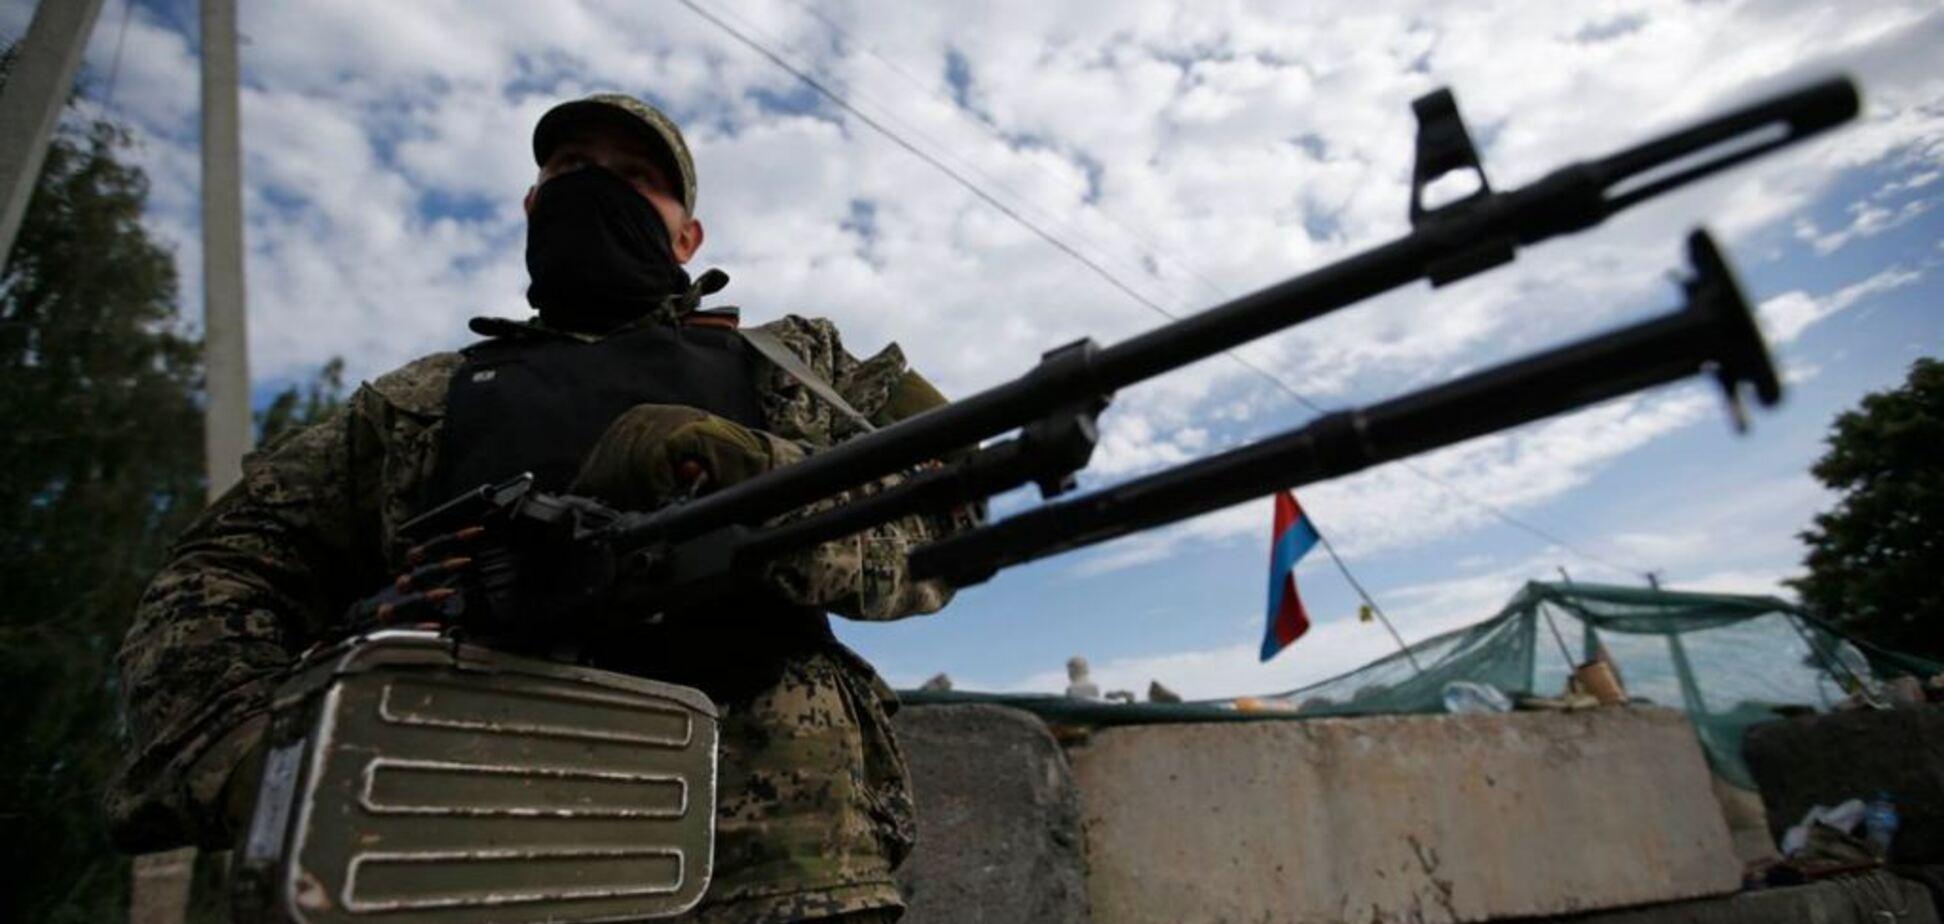 ''Взрывают по ночам'': террористы ''ЛНР'' запустили новый фейк об украинских воинах